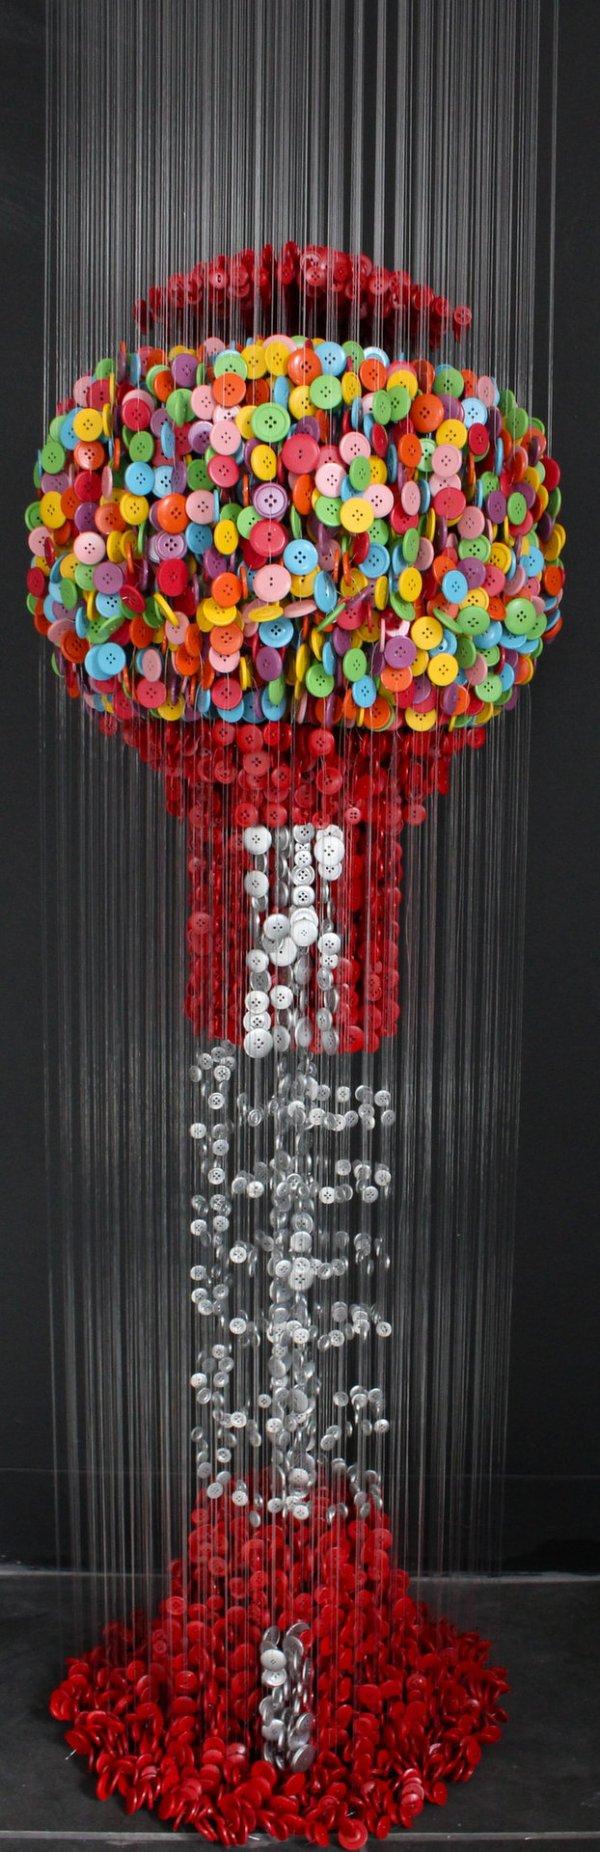 Художественные инсталляции из пуговиц (14 фото)